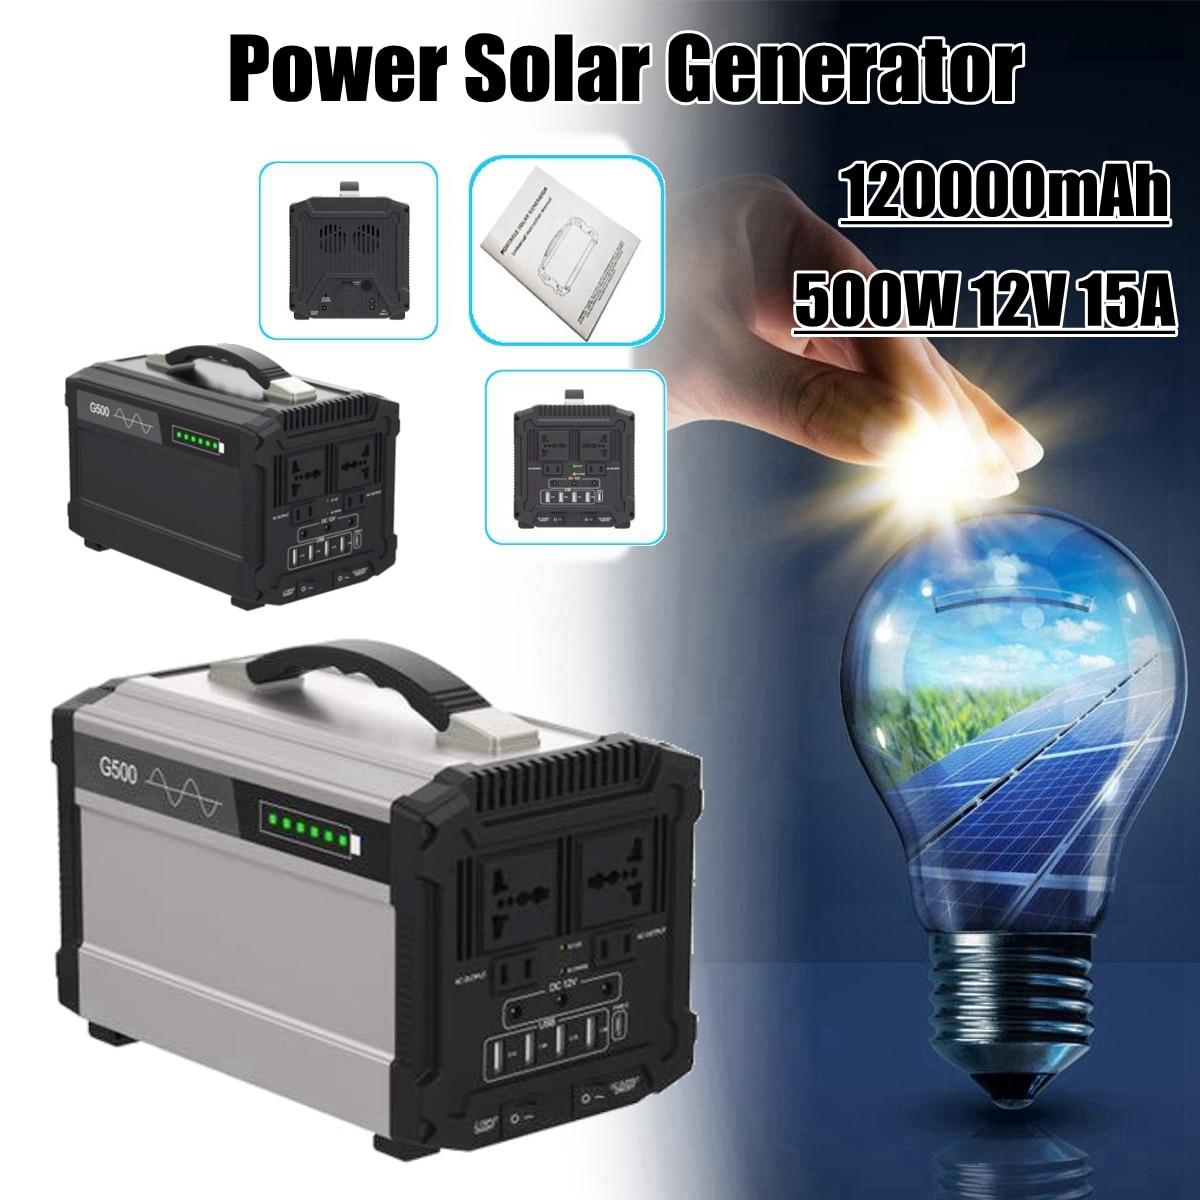 110 В/220 В 444Wh 120000 мАч 500 Вт 12 В 15A инвертор энергии Мощность хранения Главная Открытый Портативный мощность Солнечные генераторы быстрее заряд...